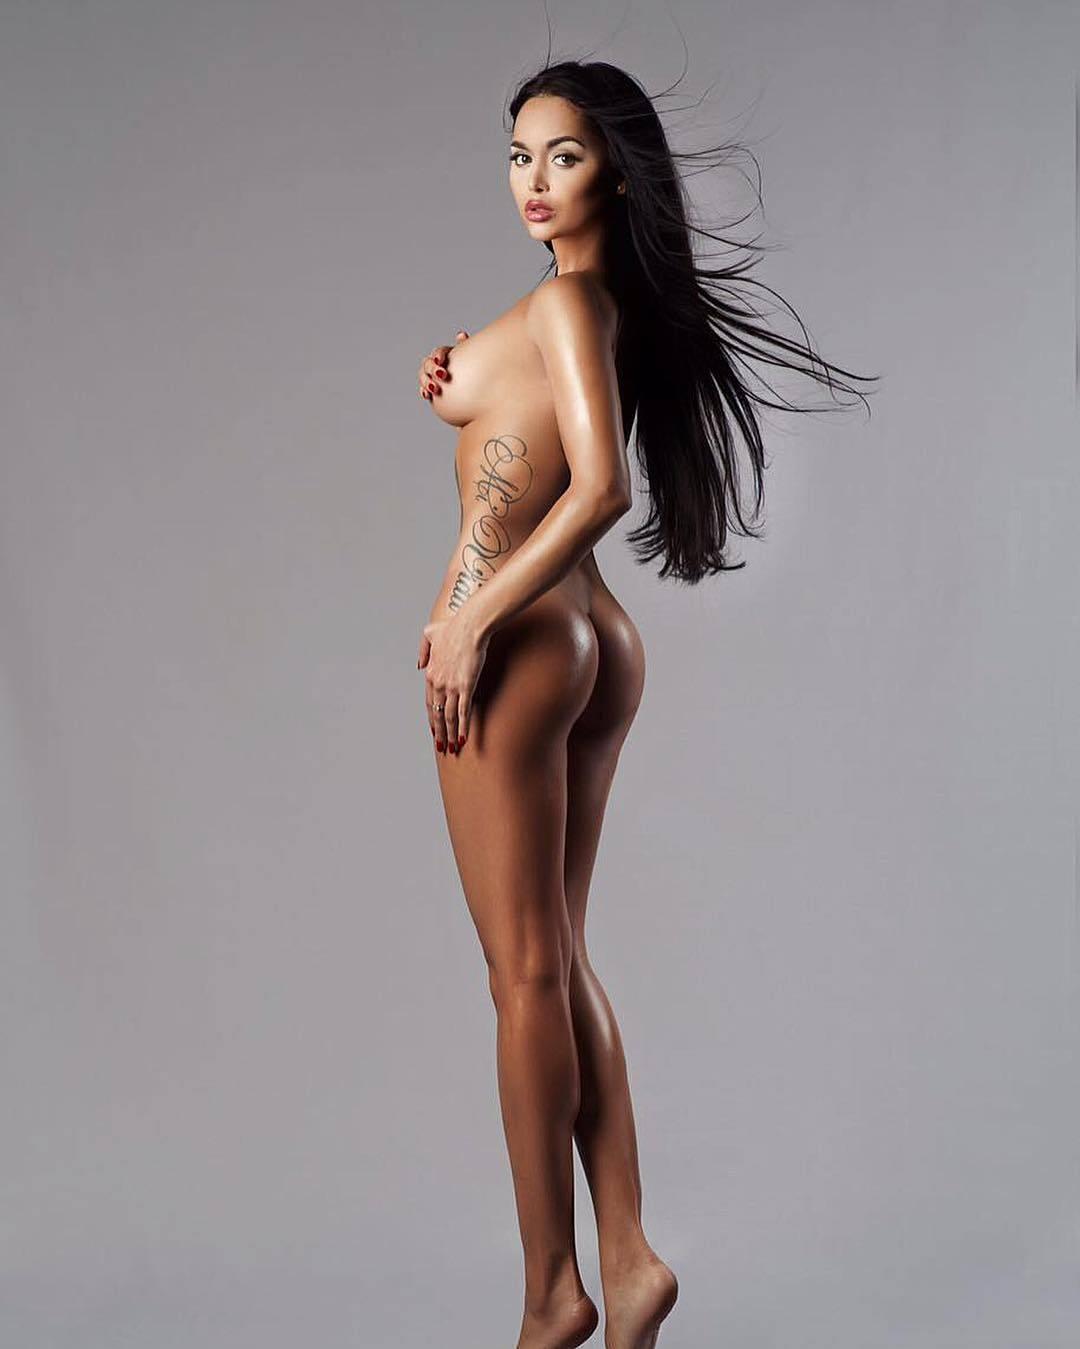 Porno Nita Kuzmina nude photos 2019